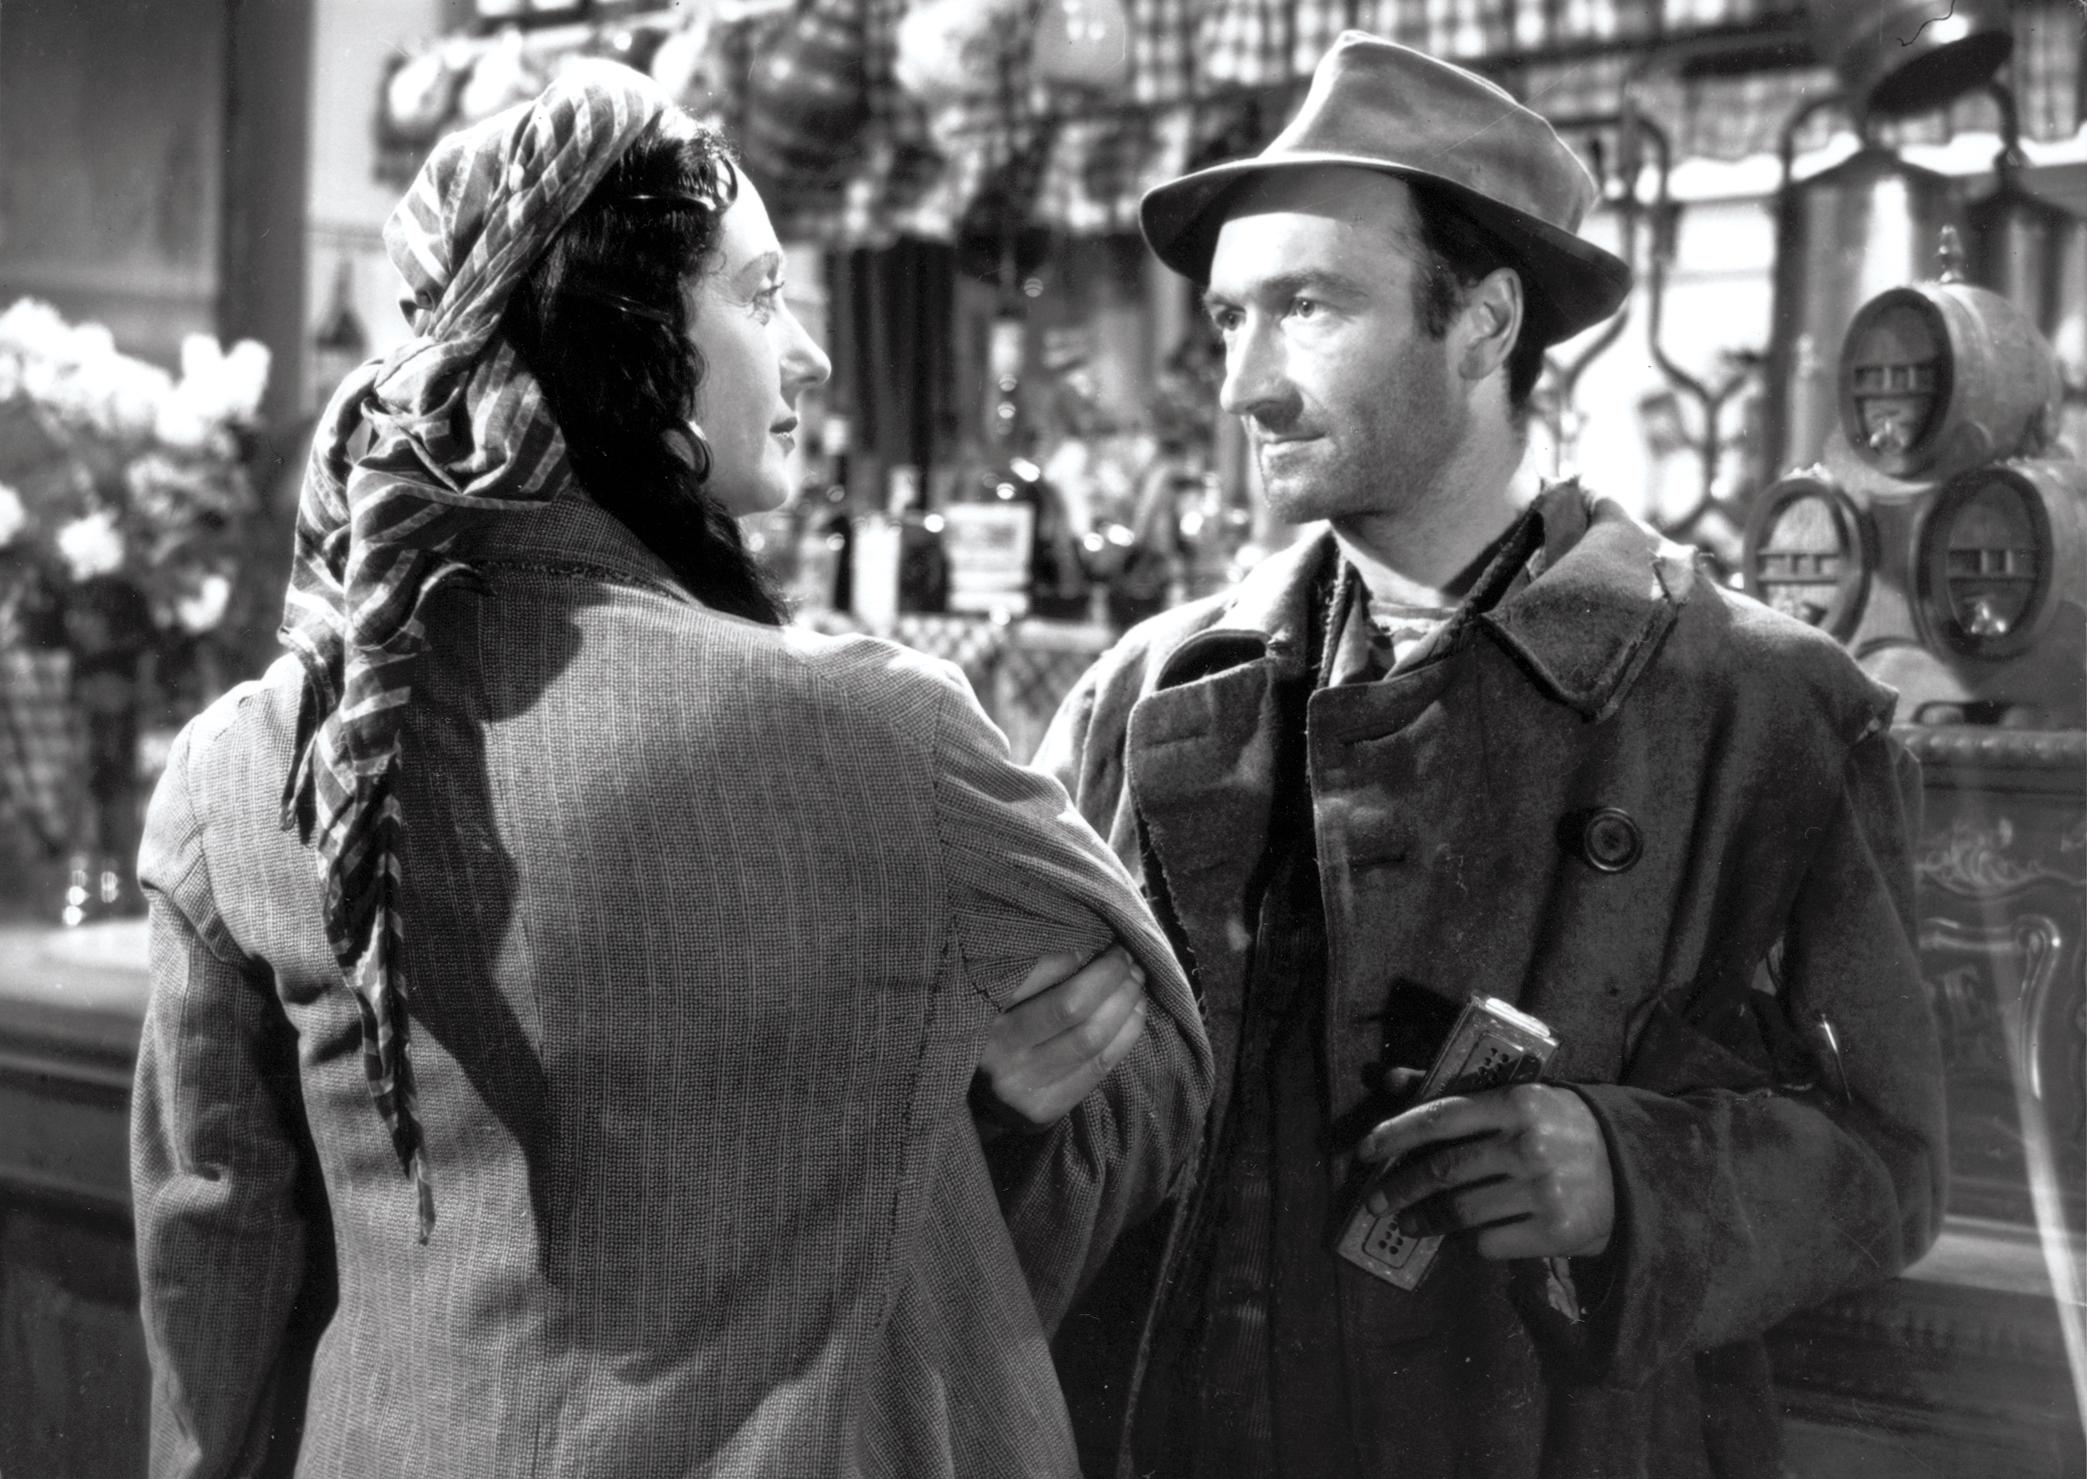 Jane Marken et Jean Vilar Serge Reggiani dans Les Portes de la nuit de Marcel Carné © Pathé Films